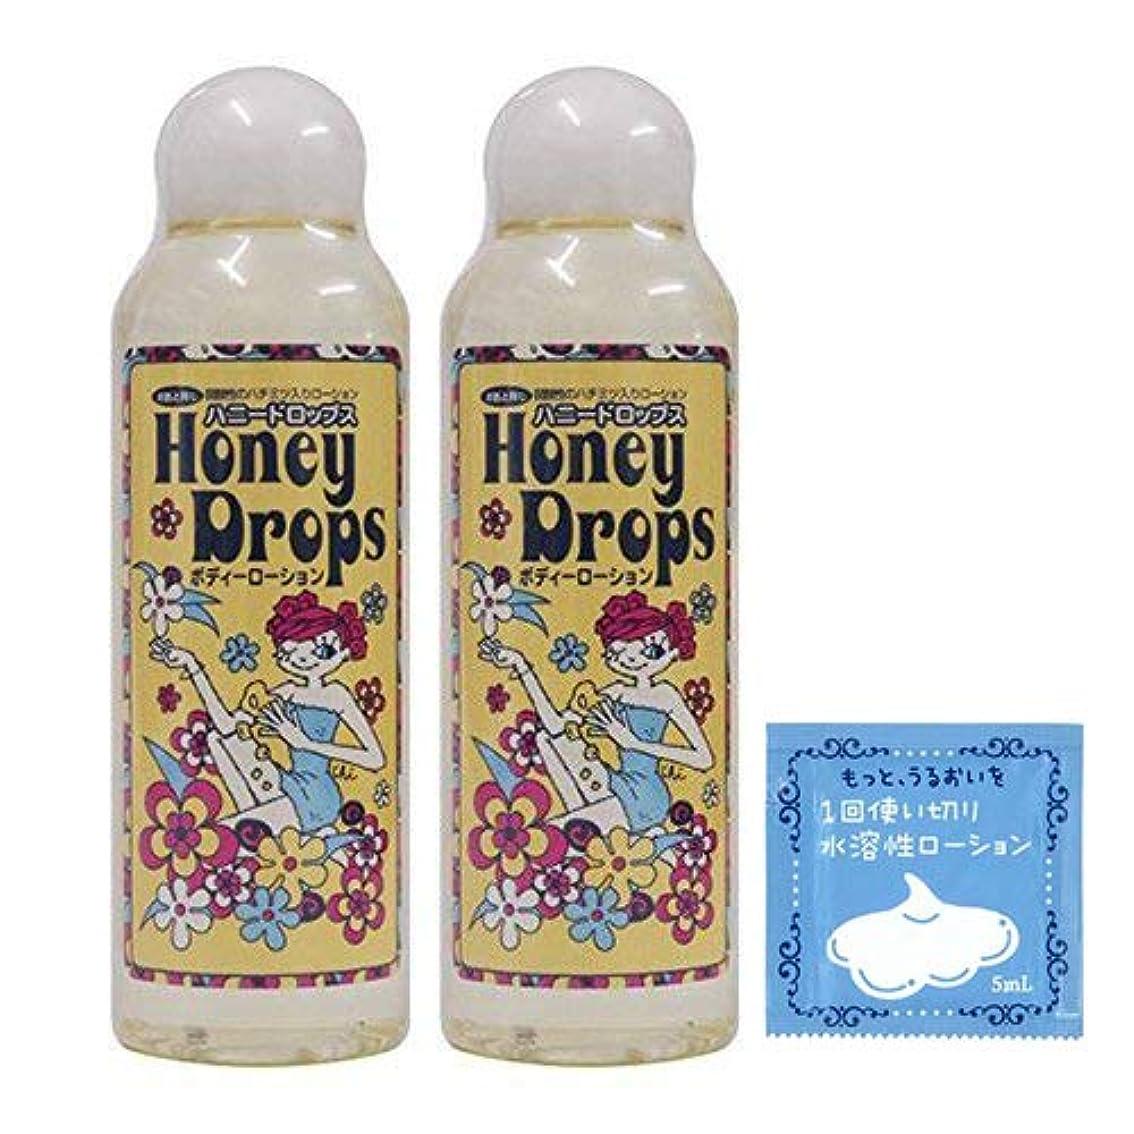 ミニジュニア魅惑的なハニードロップス150mL HoneyDrops150 ×2本 + 1回使い切り水溶性潤滑ローション